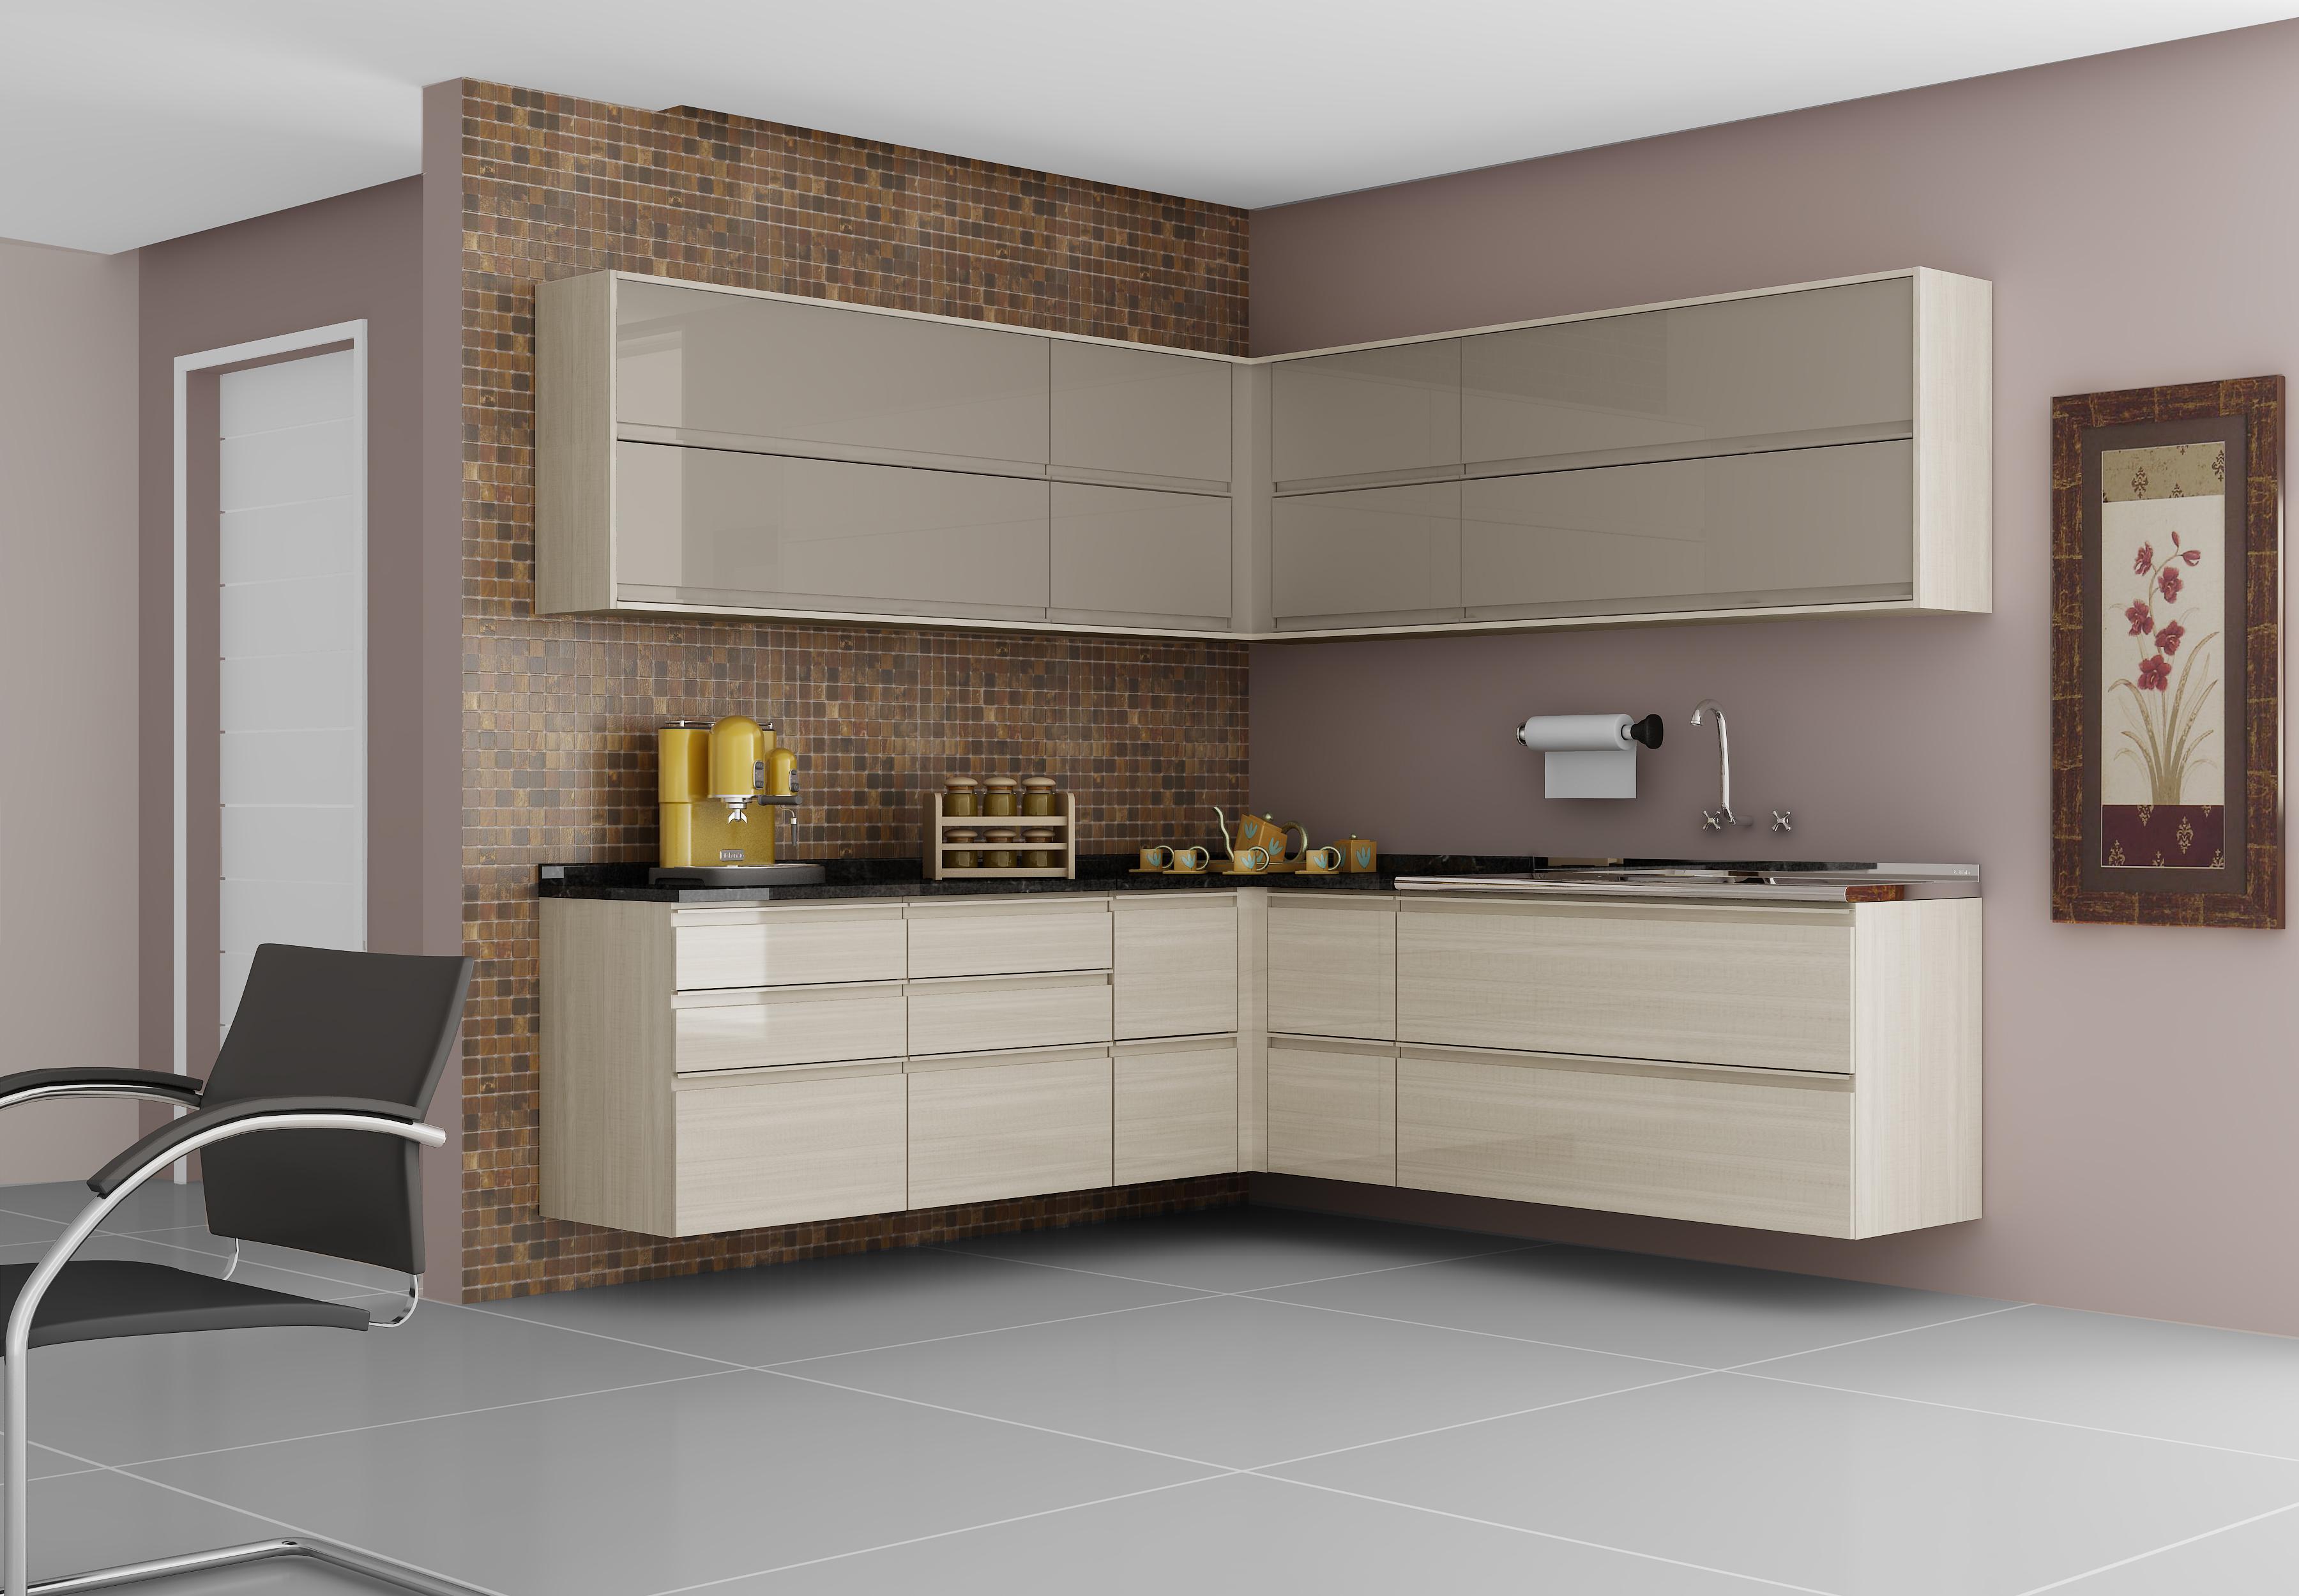 #9B8530 Cozinha Itatiaia de Madeira: (fazemos sob medida de acordo com o seu  3600x2499 px Fornecedores De Cozinha_754 Imagens